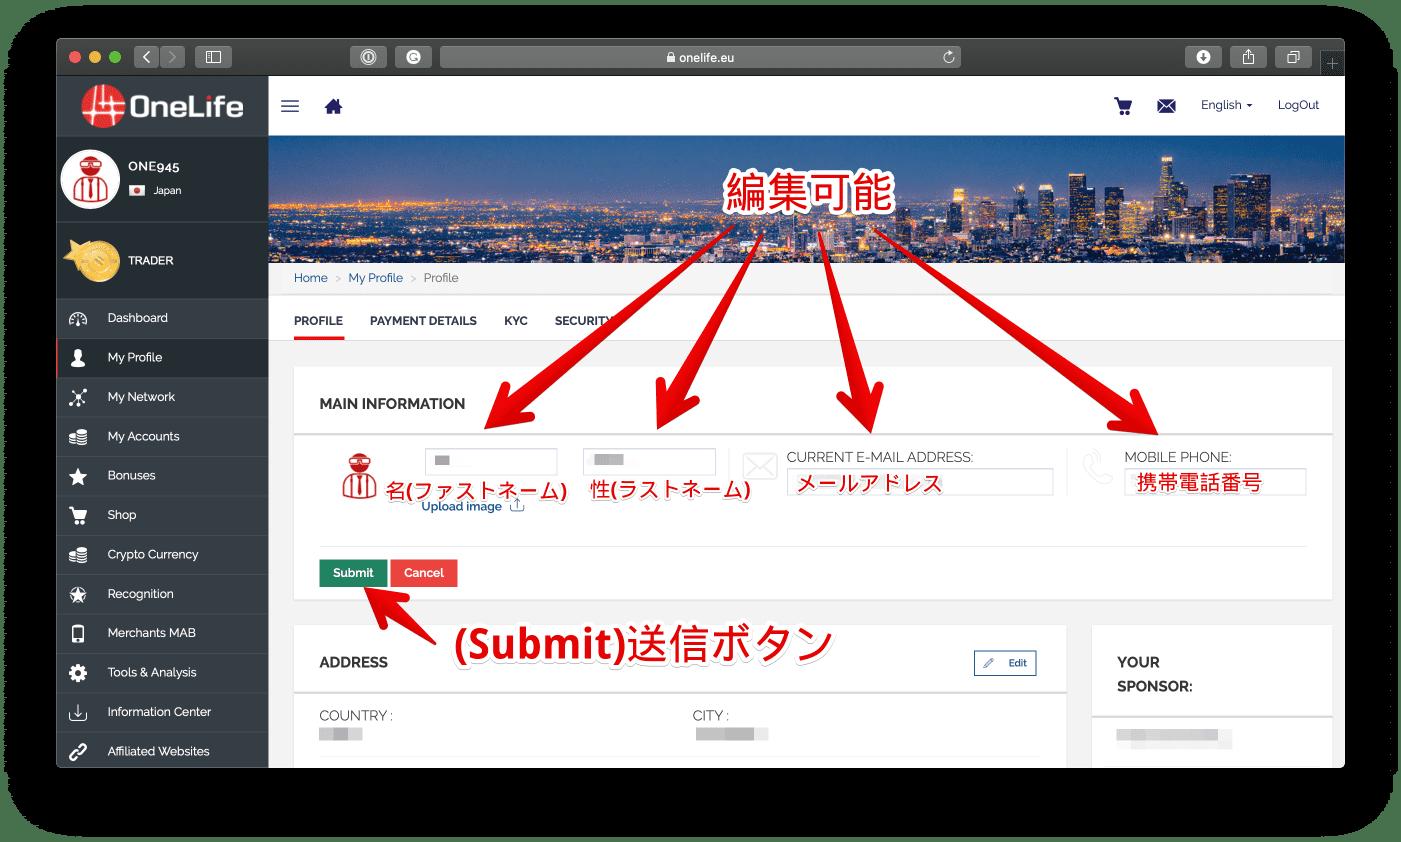 要注意!! 記入した新しいメールアドレスに入力間違いがないことをご確認ください。間違ったメールアドレスを保存してしまいますと、自分ではの変更手続きができなくなります。メールアドレスの変更の際、正確に記入されているか二重確認をお勧めいたします。